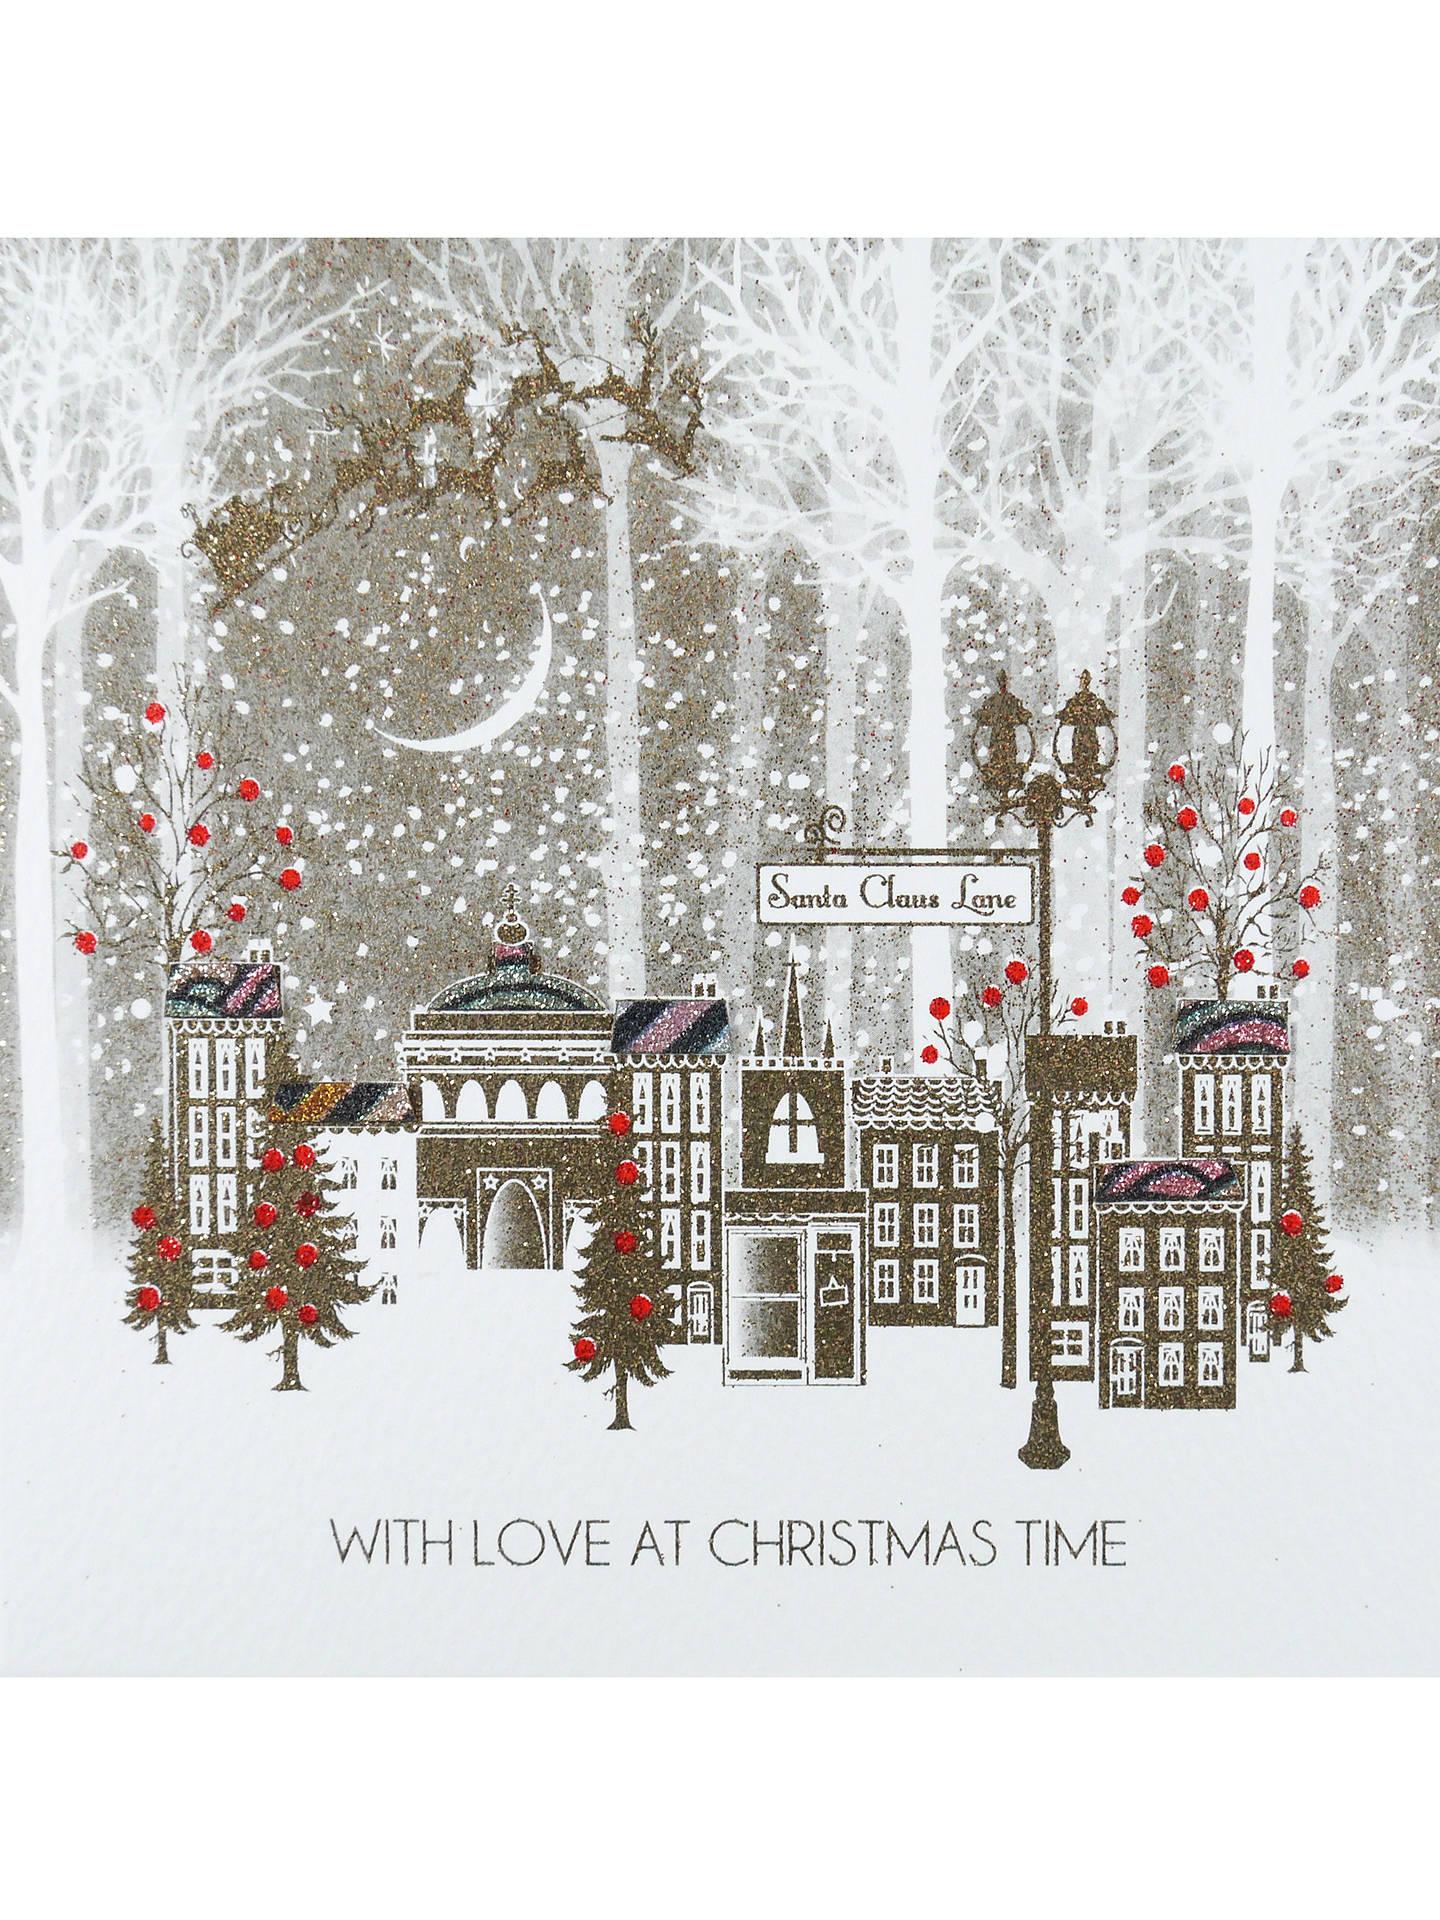 Christmas Card Lane.Five Dollar Shake Santa Claus Lane Christmas Card